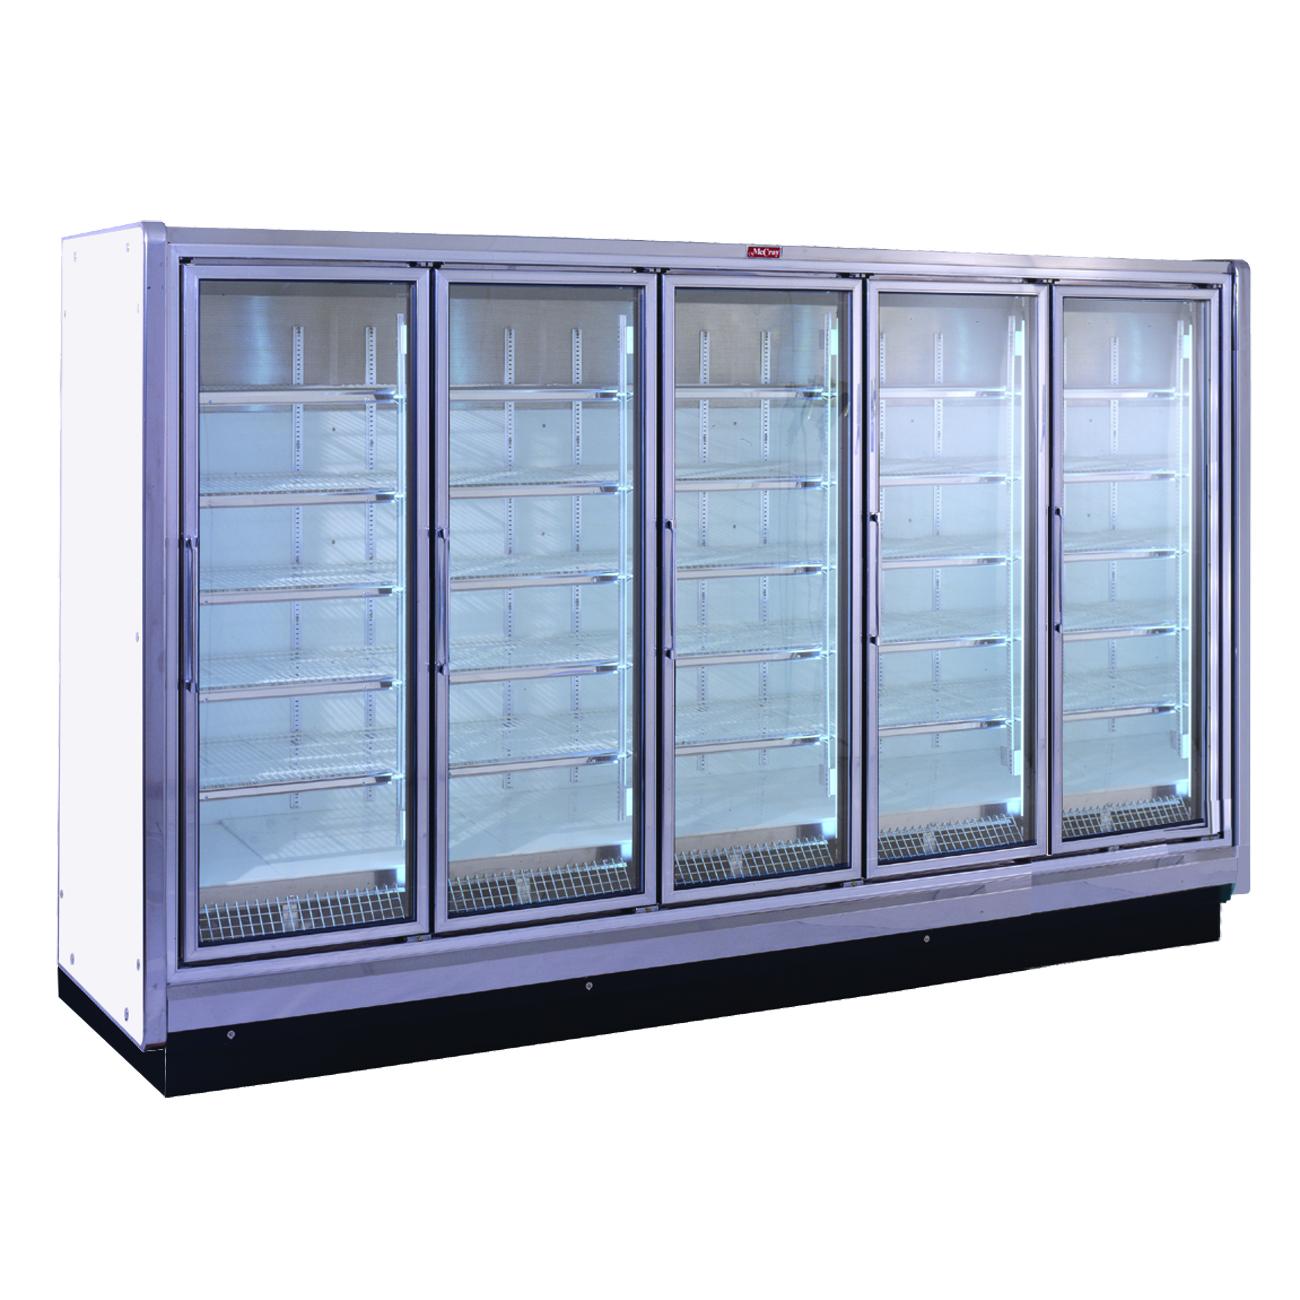 Howard-McCray RIF5-30-LED freezer, merchandiser